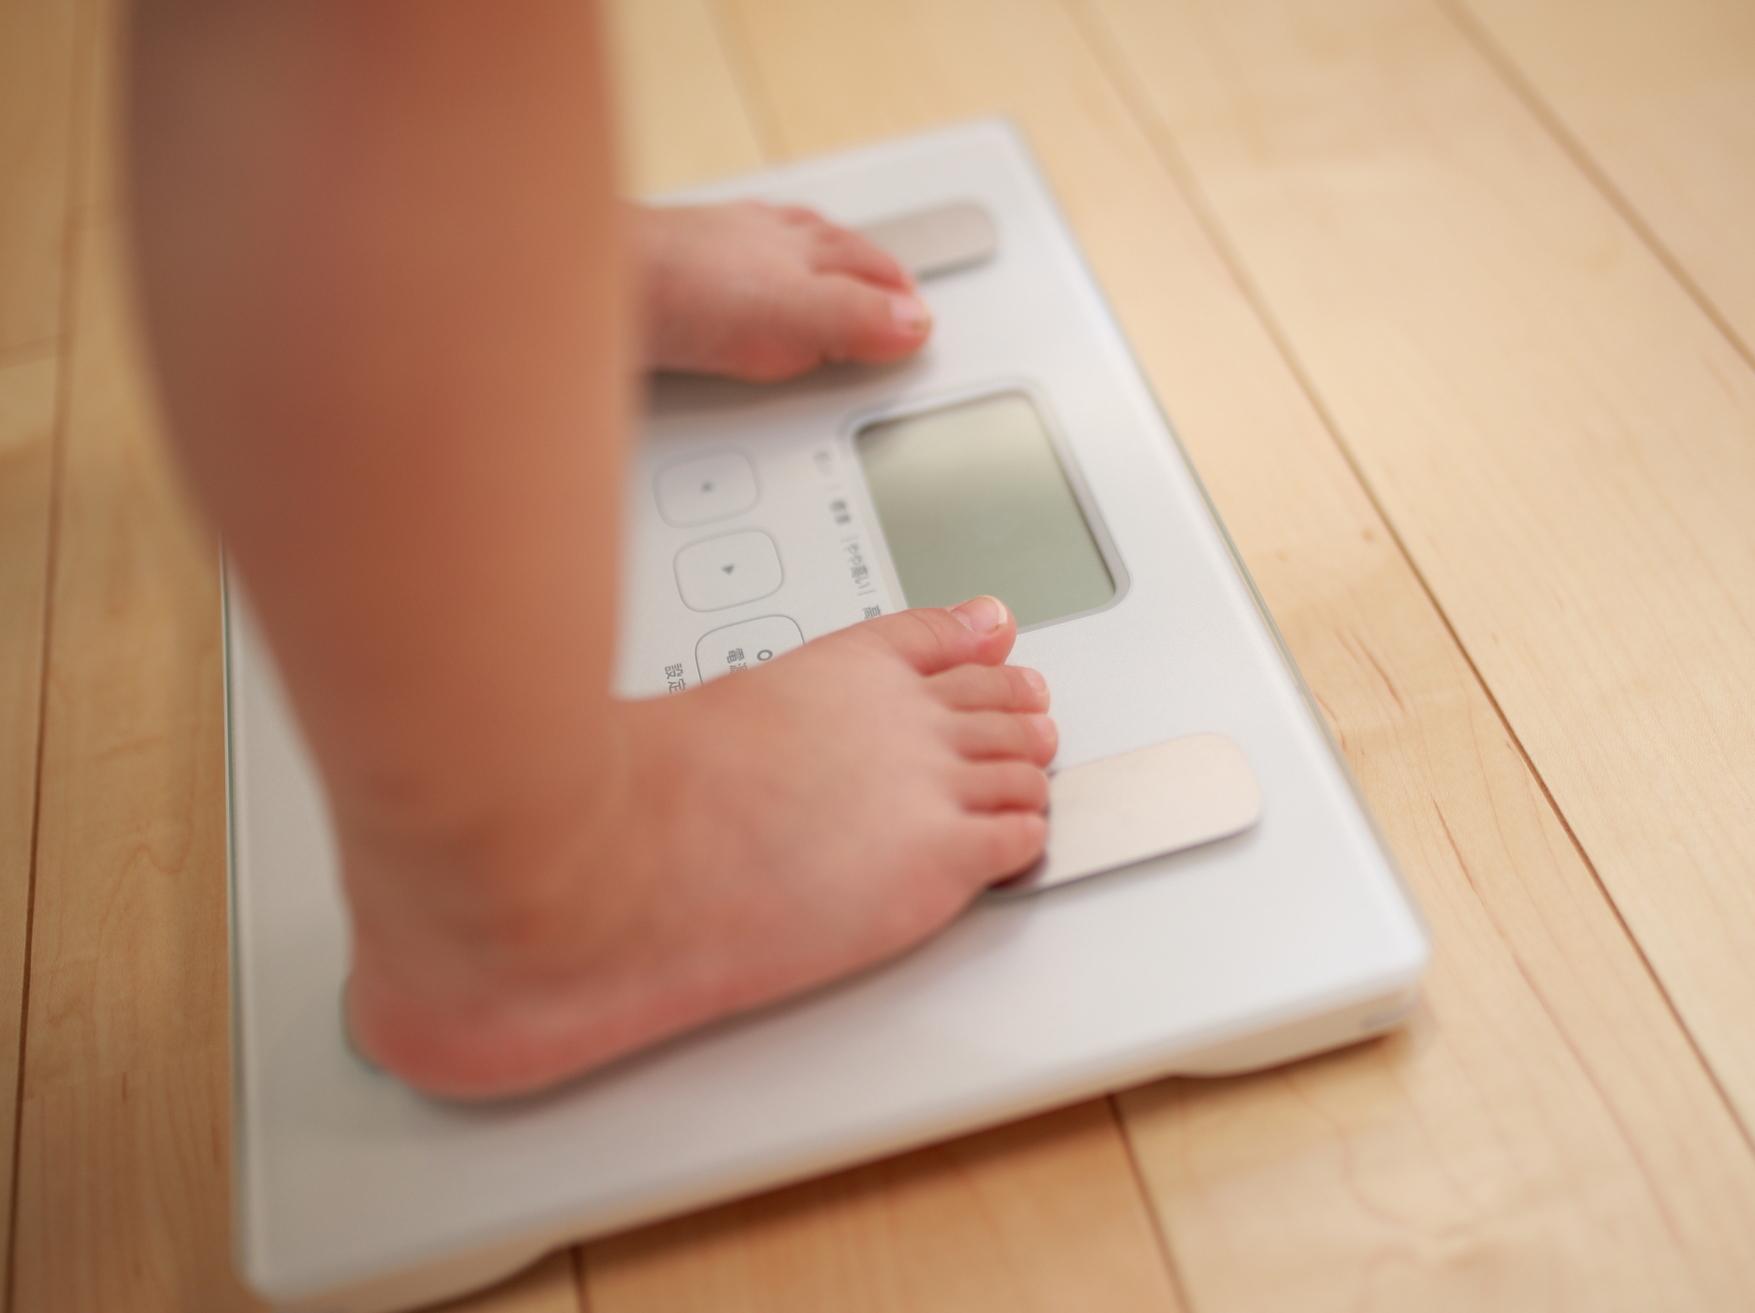 【医師監修】子どもの肥満を治すには?肥満度チェック&4つの対策